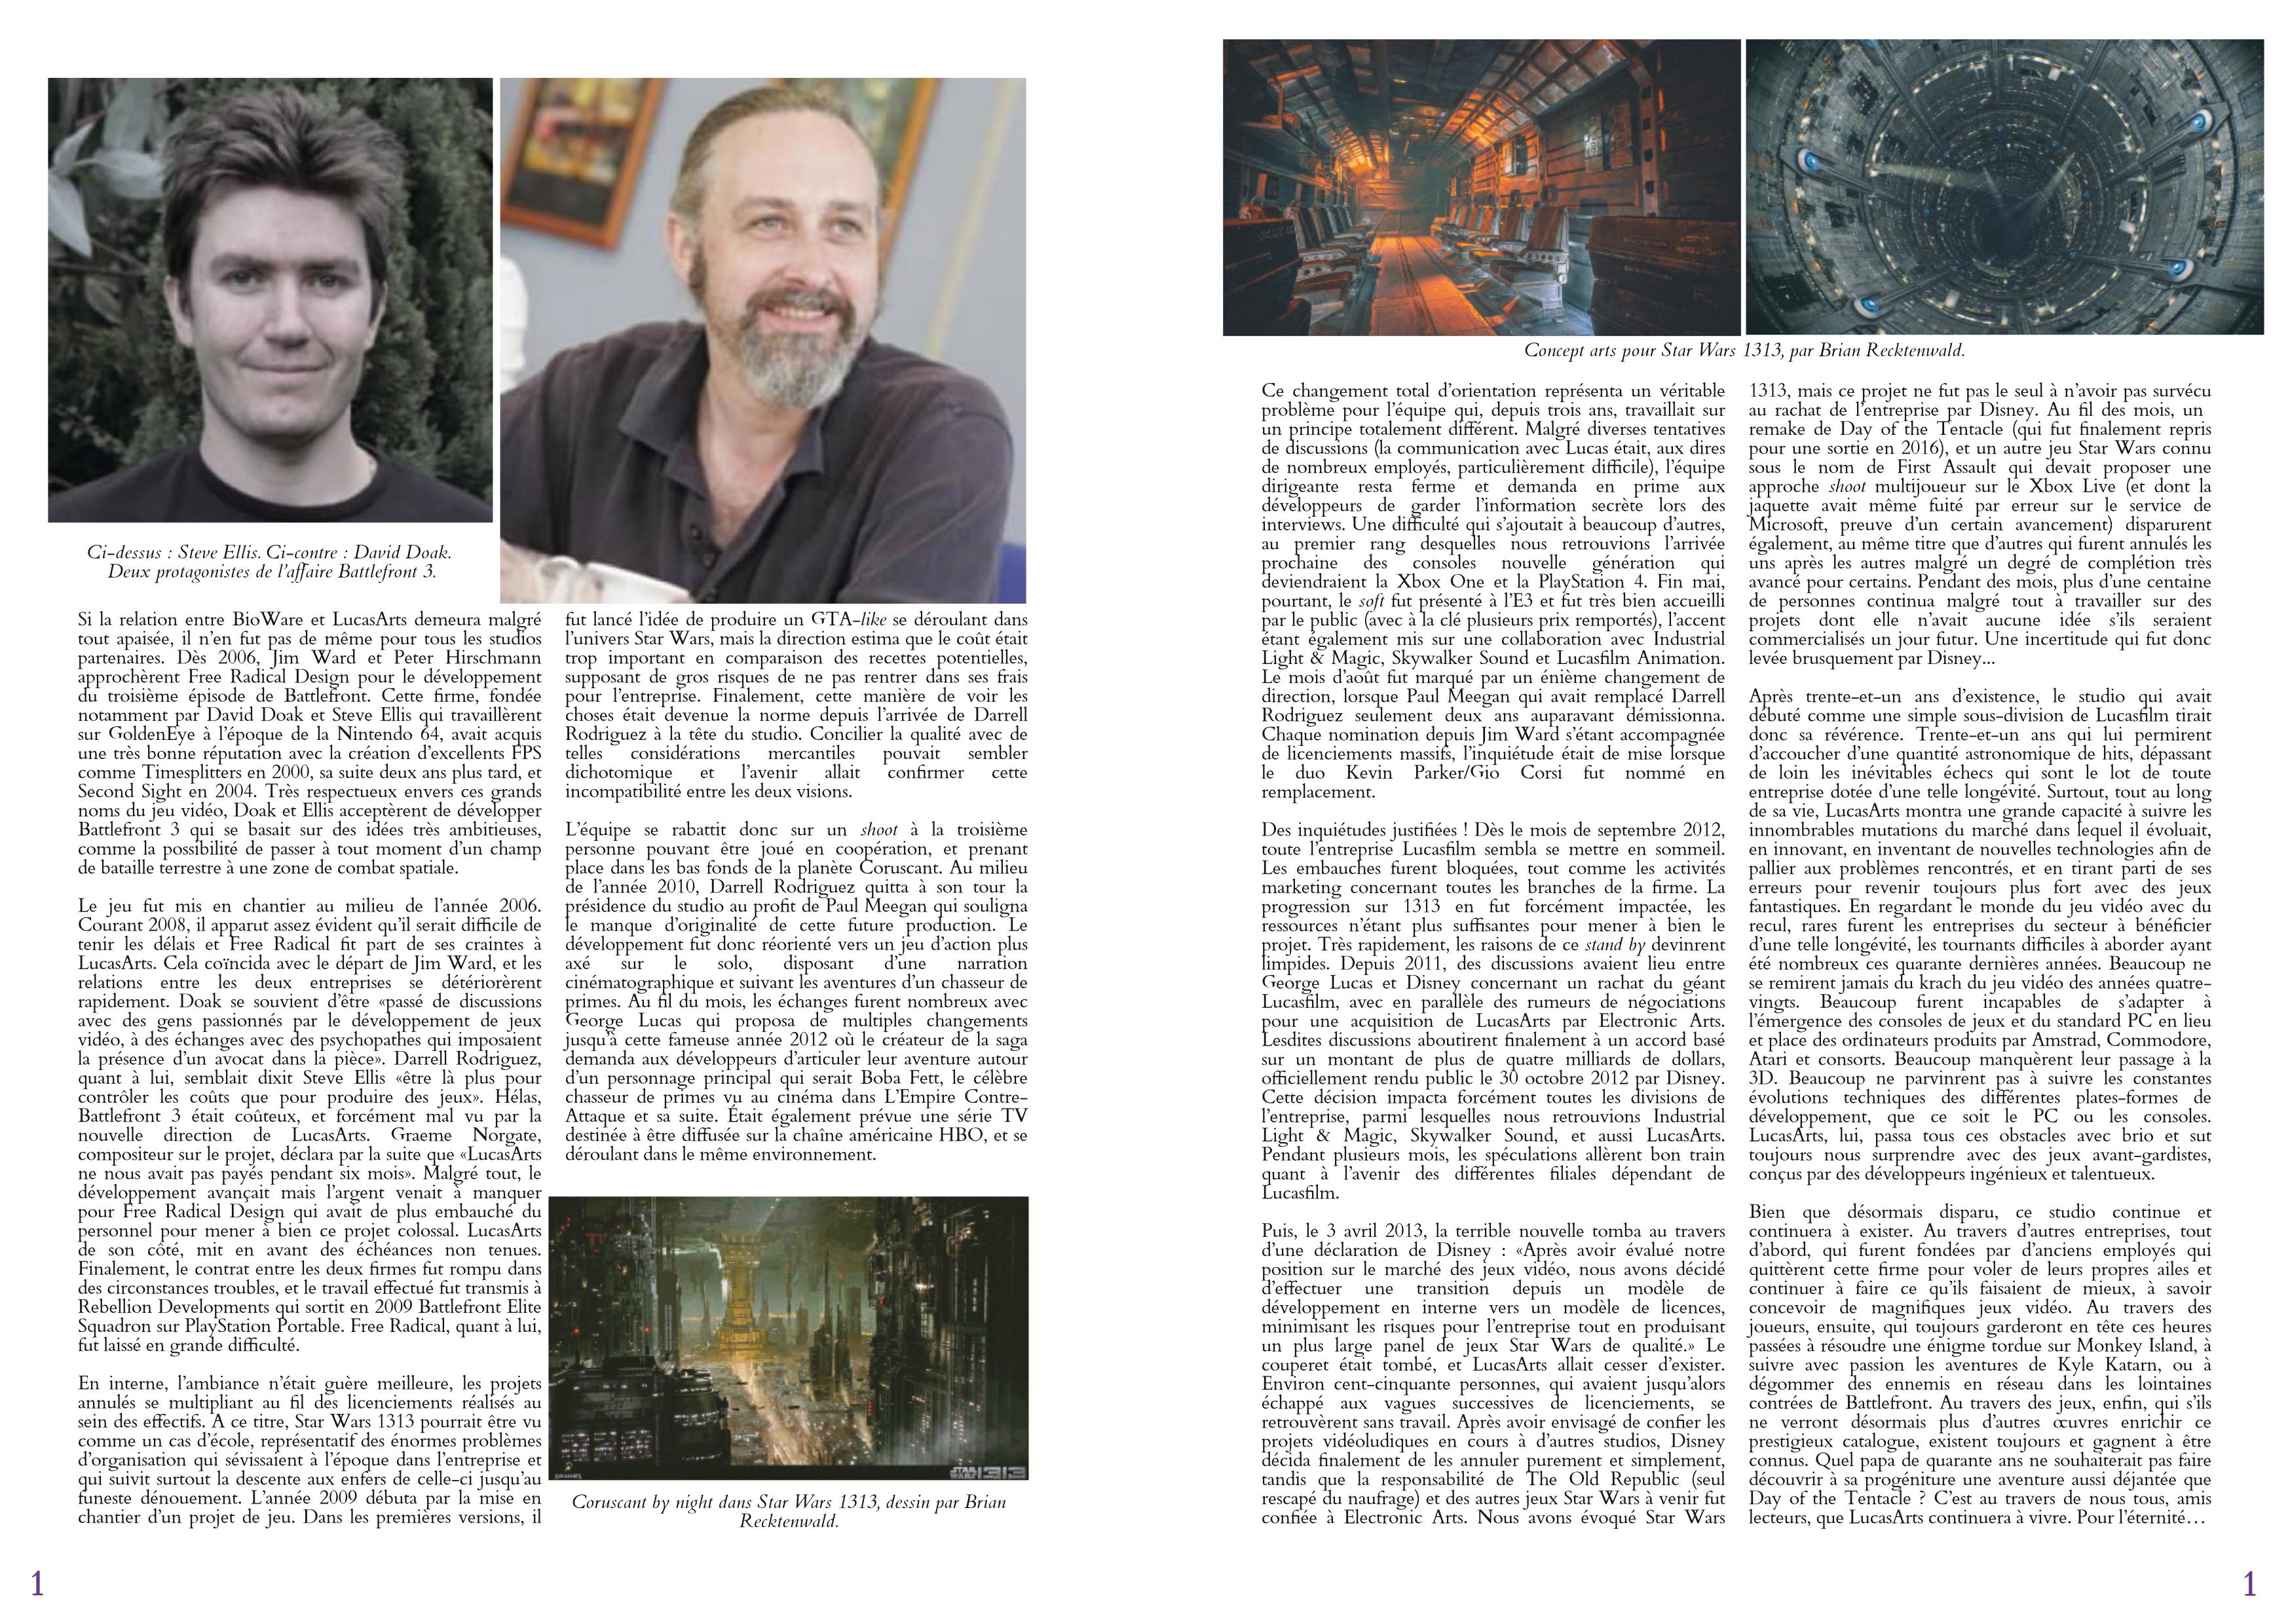 LucasArts les chroniques extrait histoire partie 12